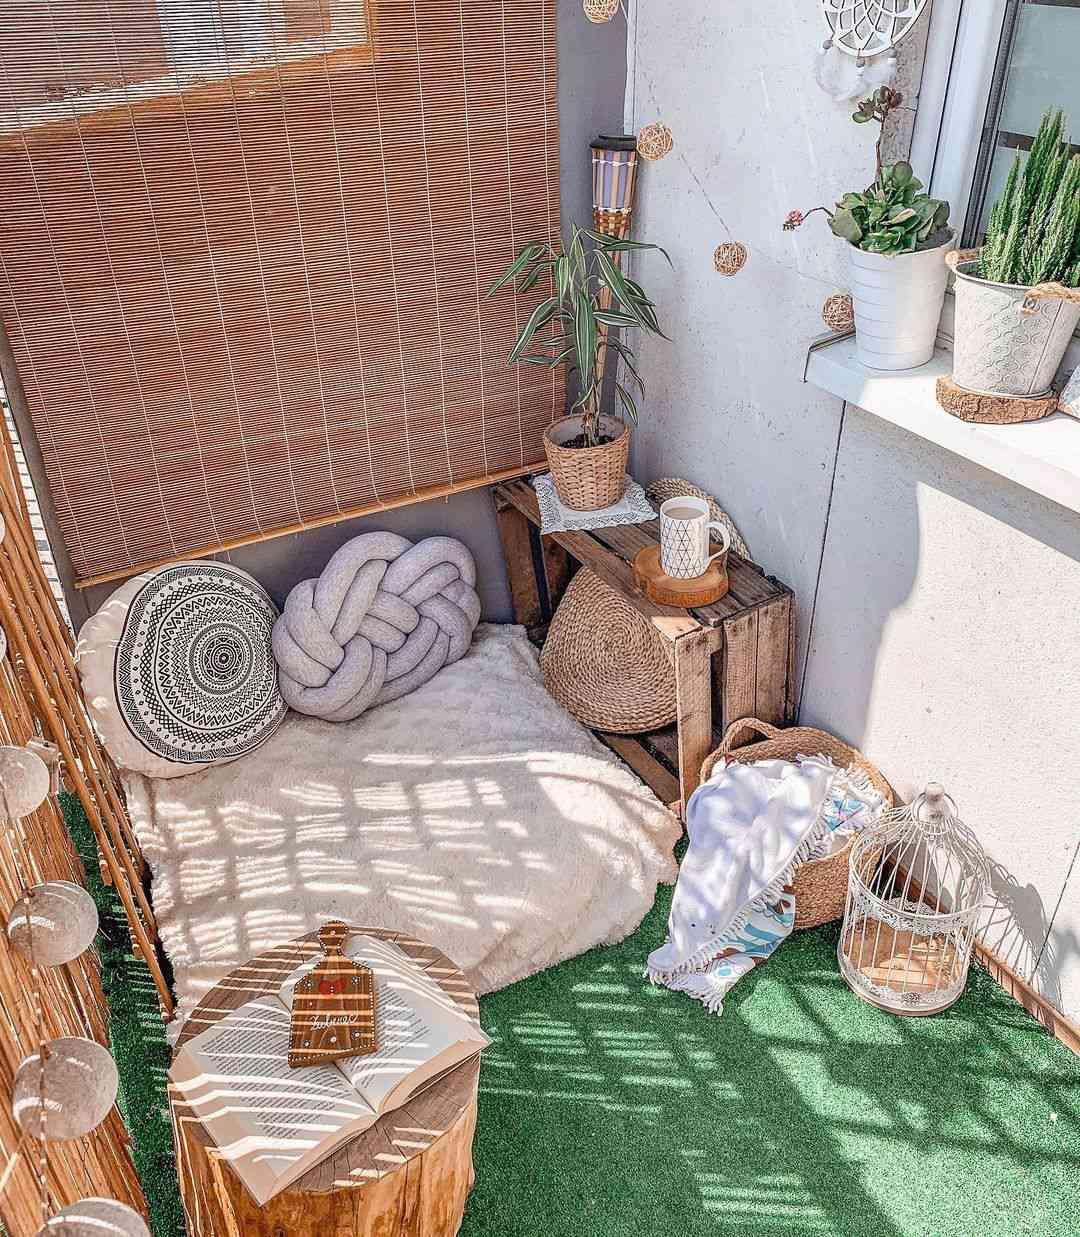 Balcony with floor cushion